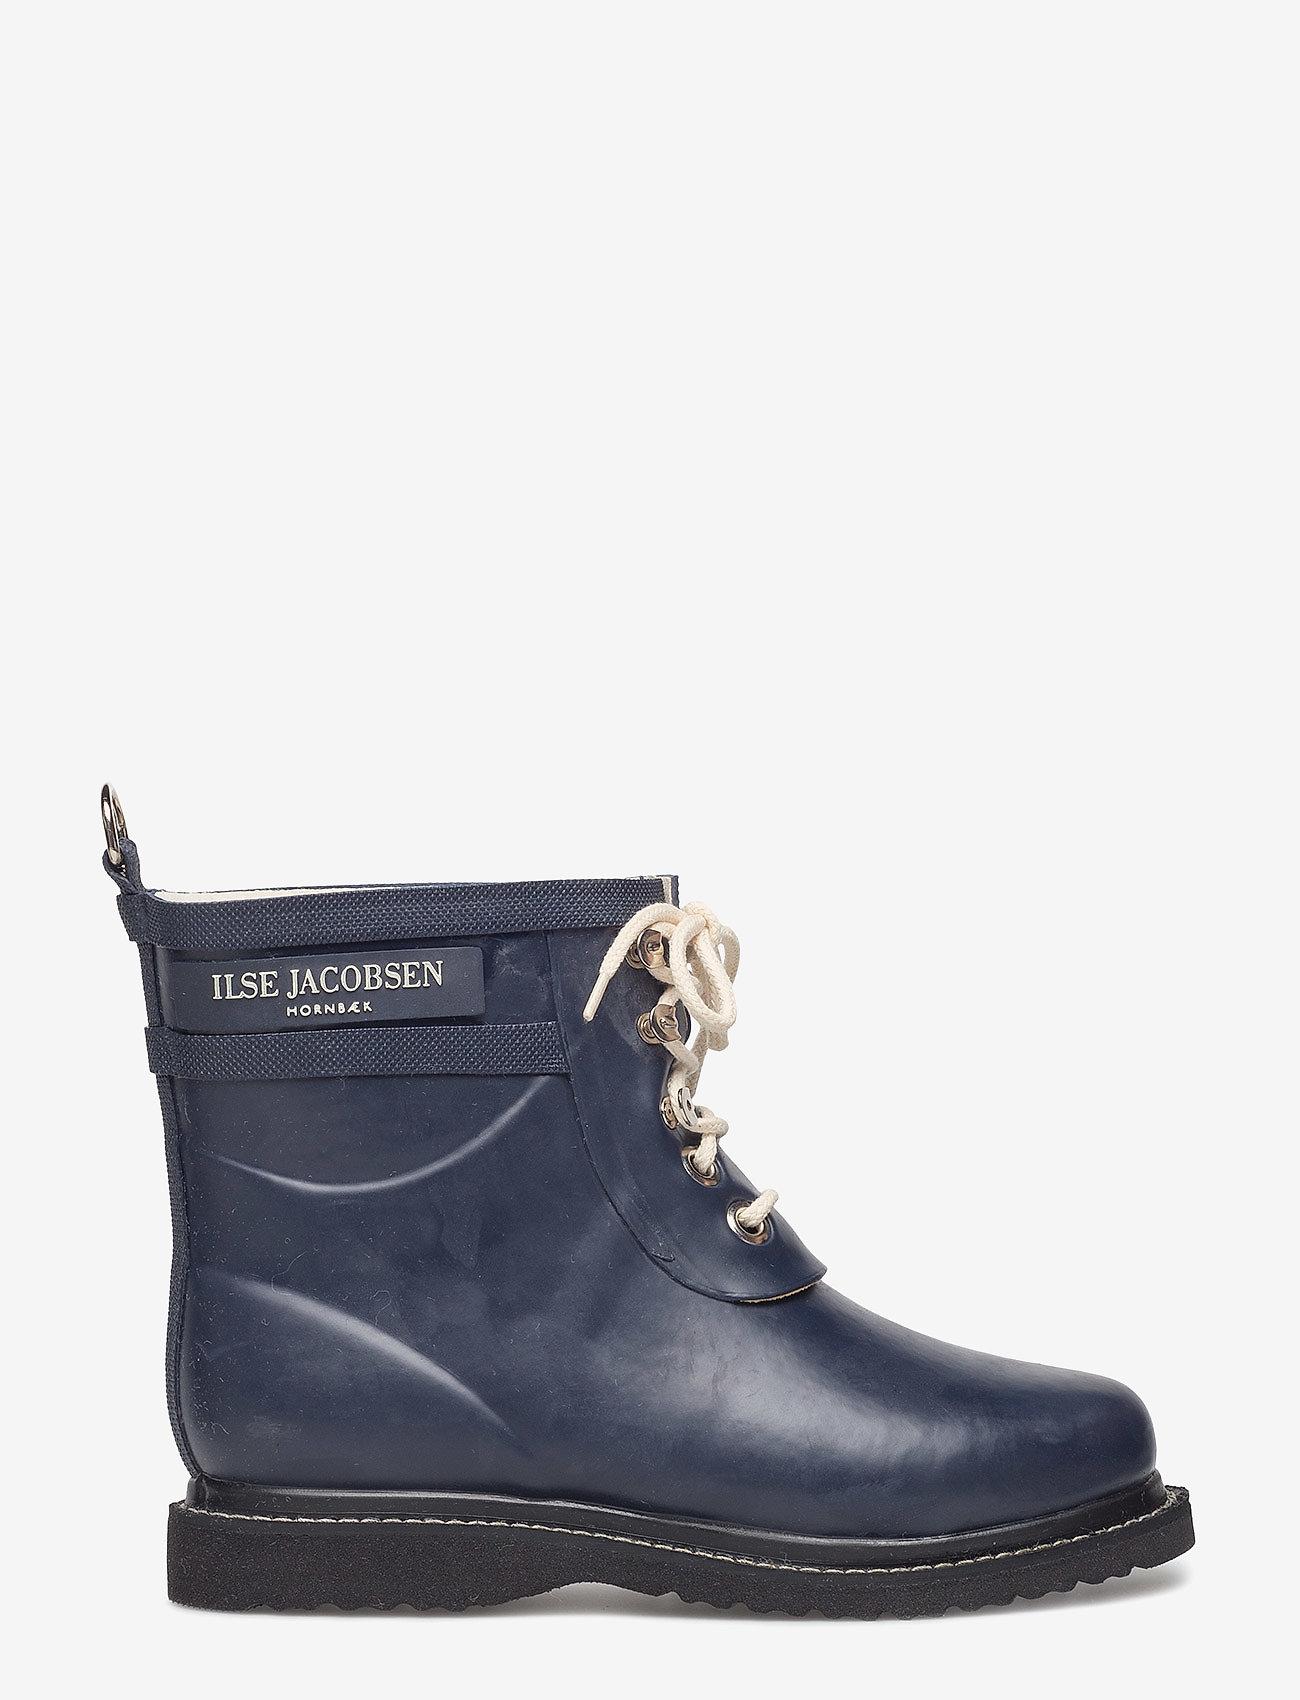 Ilse Jacobsen - SHORT RUBBERBOOT - regenlaarzen - dark indigo - 1